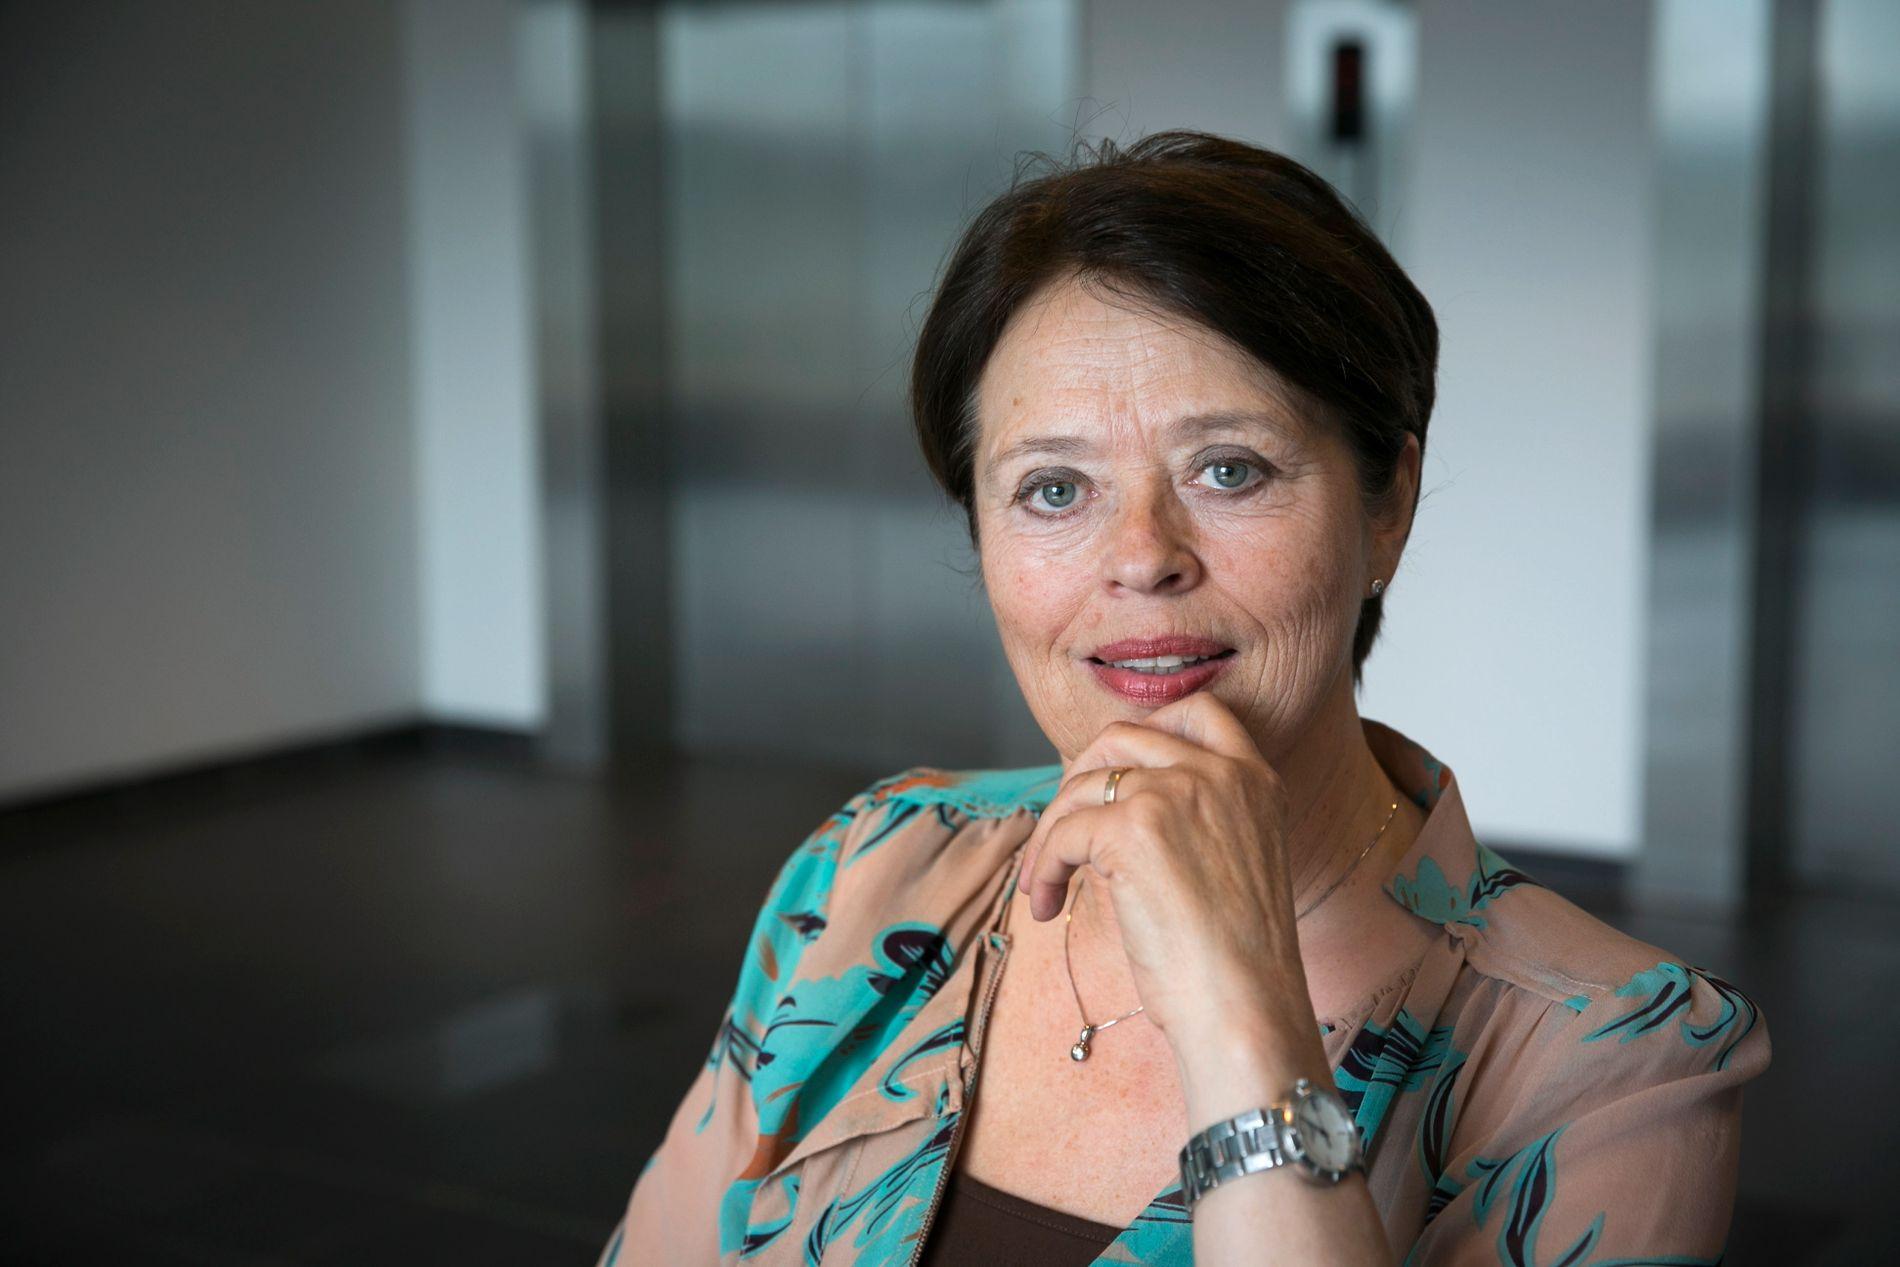 FÅR KRITIKK: Seniorrådgiver og tidligere avdelingsdirektør Bente Fredheim i Utdanningsetaten ble satt på arbeidet med å bedre ytringskulturen i Osloskolen. Det har ikke gått upåaktet hen.